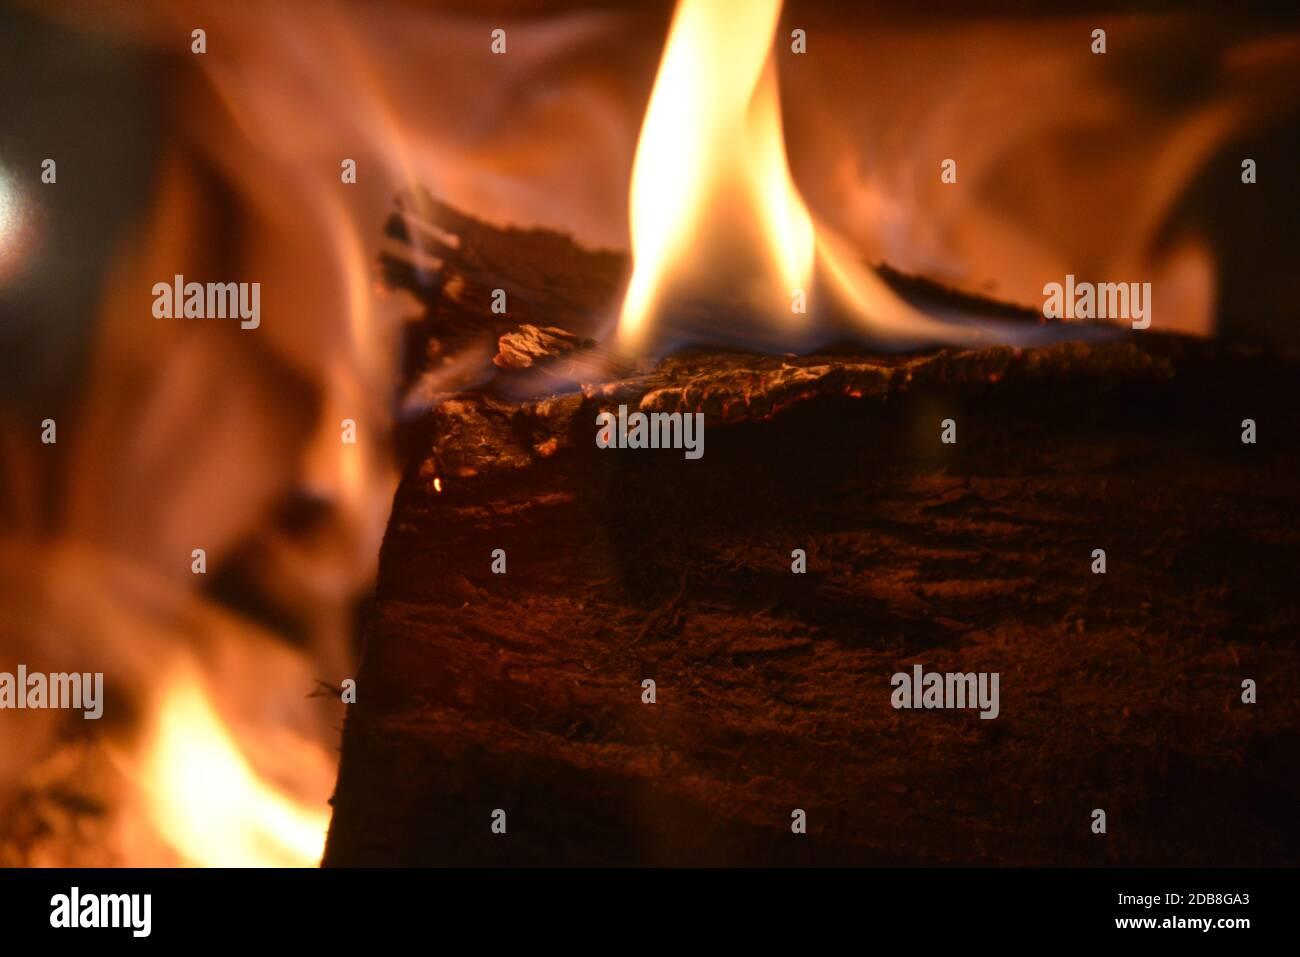 Wärme und Licht, ein prasselndes Kaminfeuer im Herbst - warmth and light, a crackling fire in autumn Stock Photo